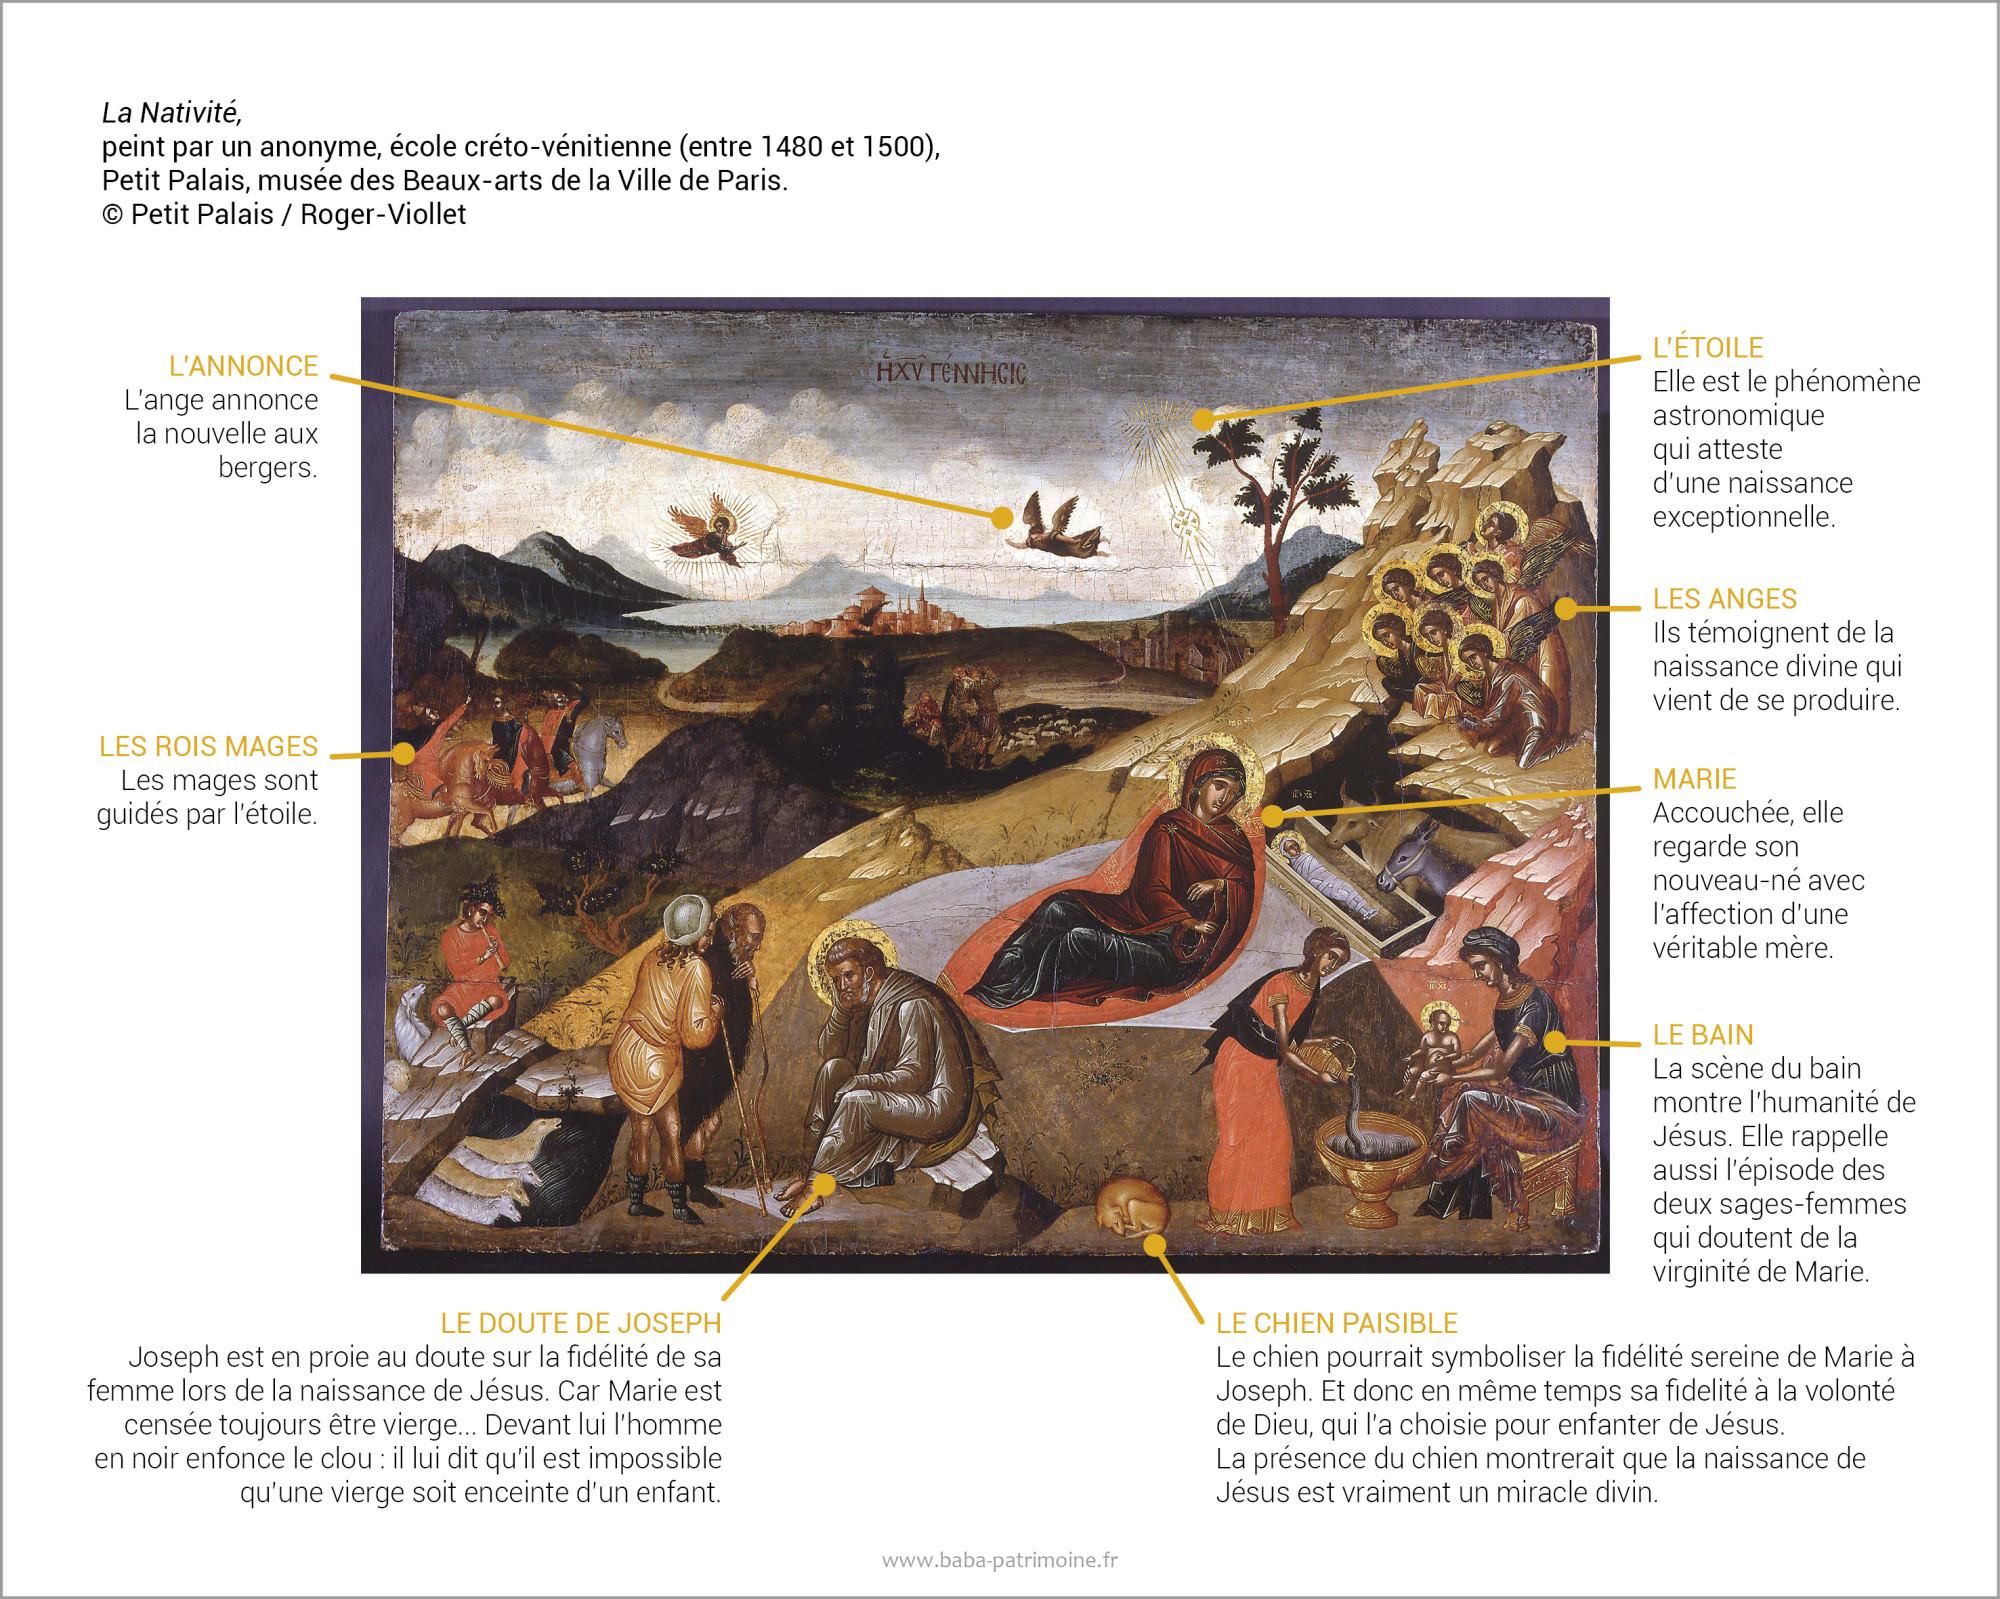 La Nativité, avec le chien en symbole de la fidélité de Marie à Joseph.